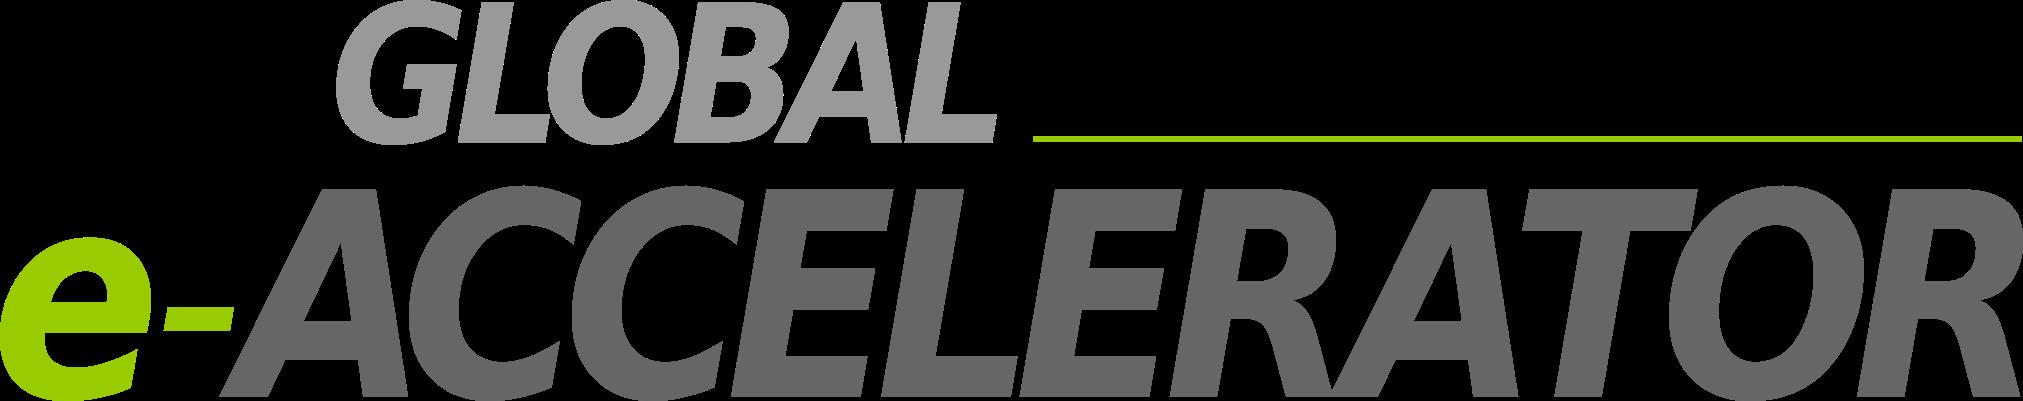 GLOBAL E-ACCELERATOR, elegida por la aceleradora Blockchain del entorno ExO entre sus proyectos para 2018